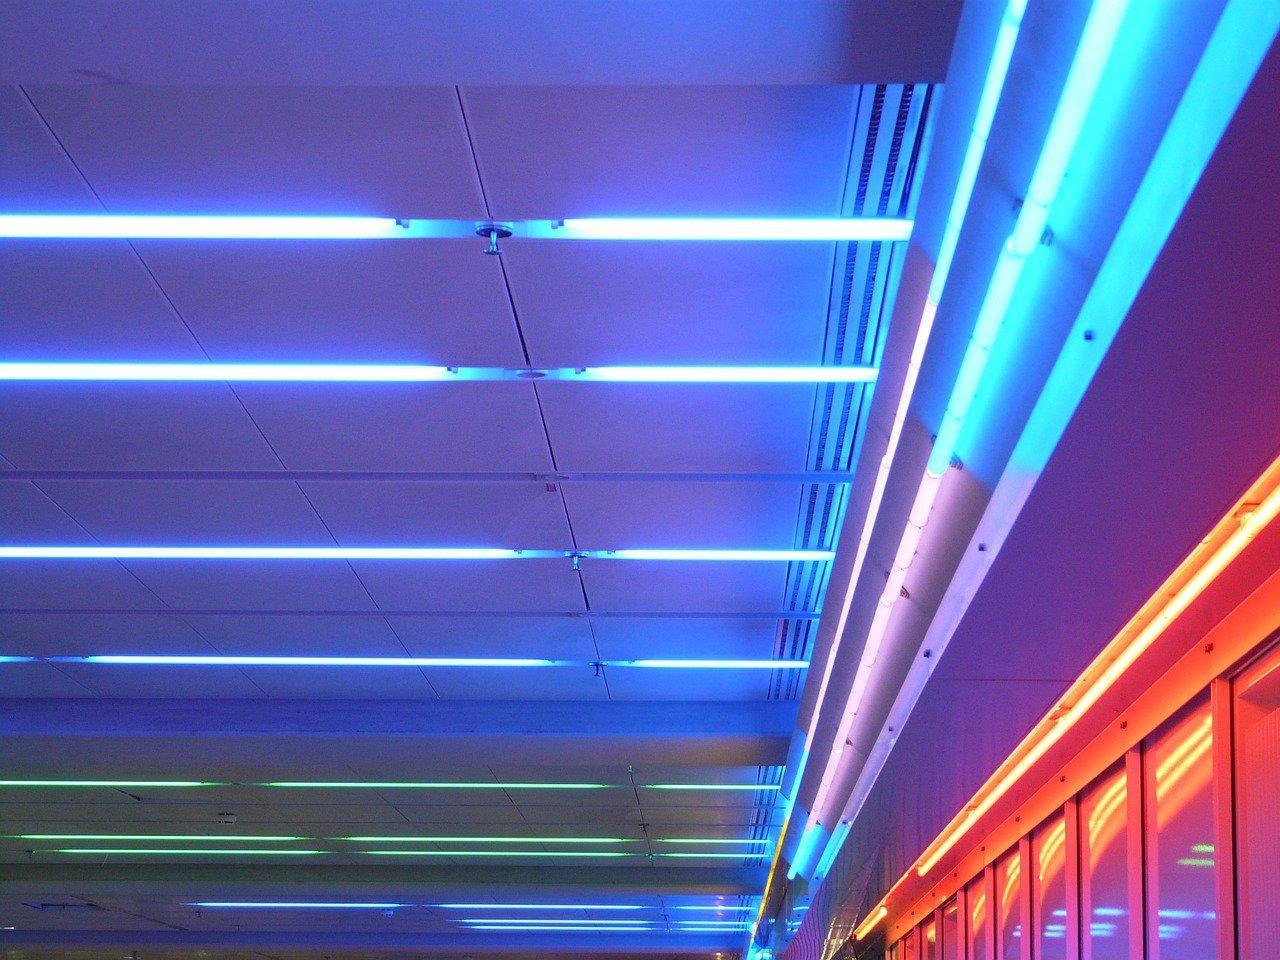 Dobry producent oświetlenia - na co się decydować?